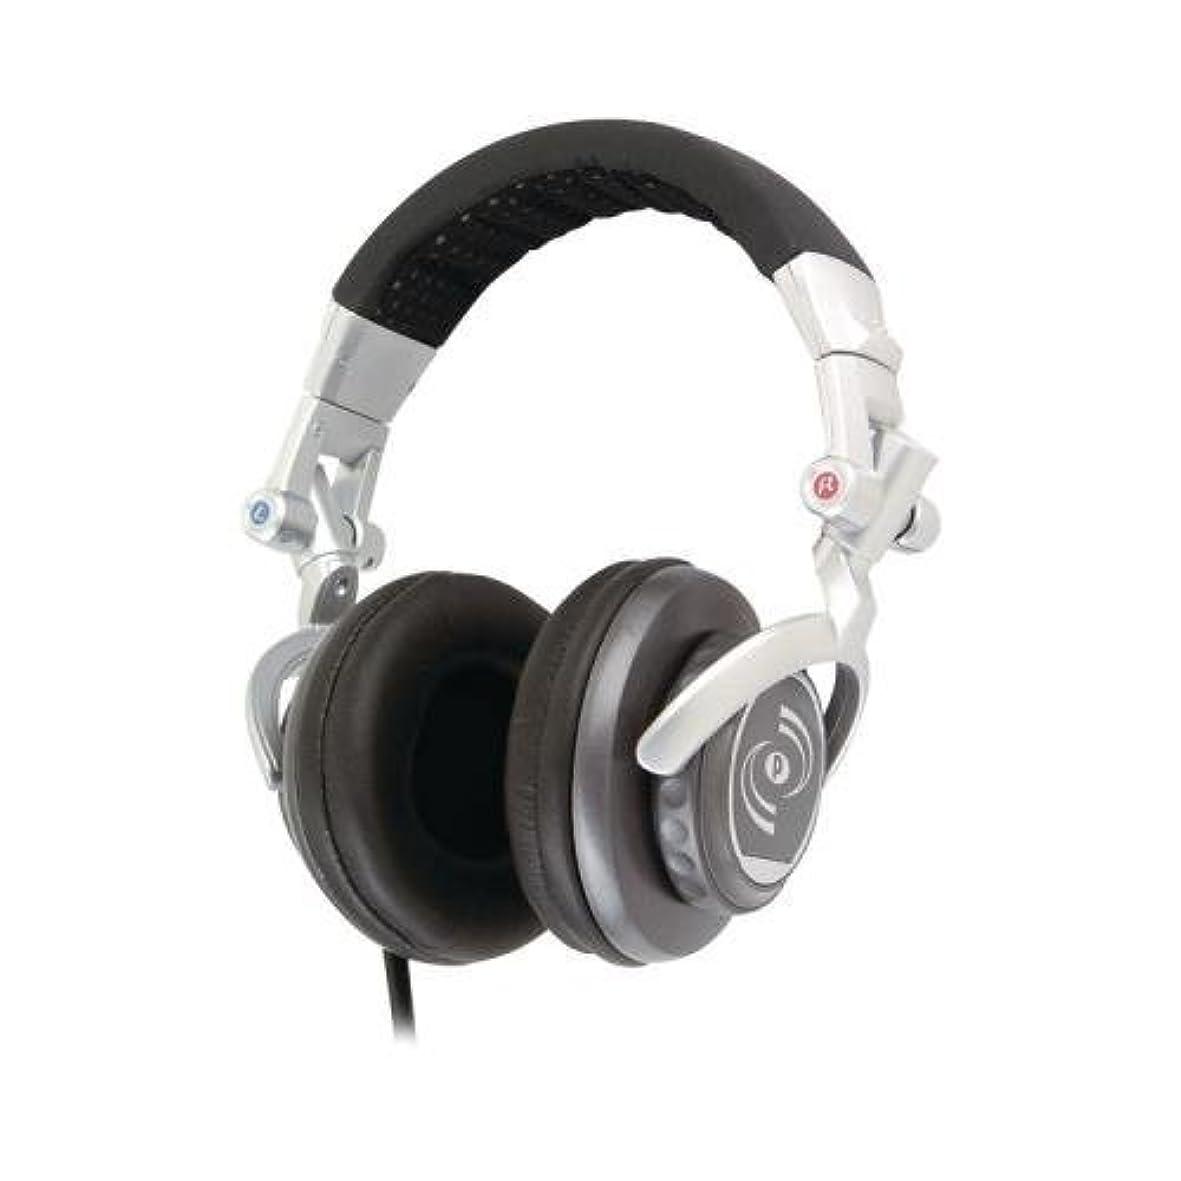 母音遅らせるとしてJAYBRAKE Pyle Pro Phpdj1 Professional Dj Turbo Headphones With Cable [並行輸入品]